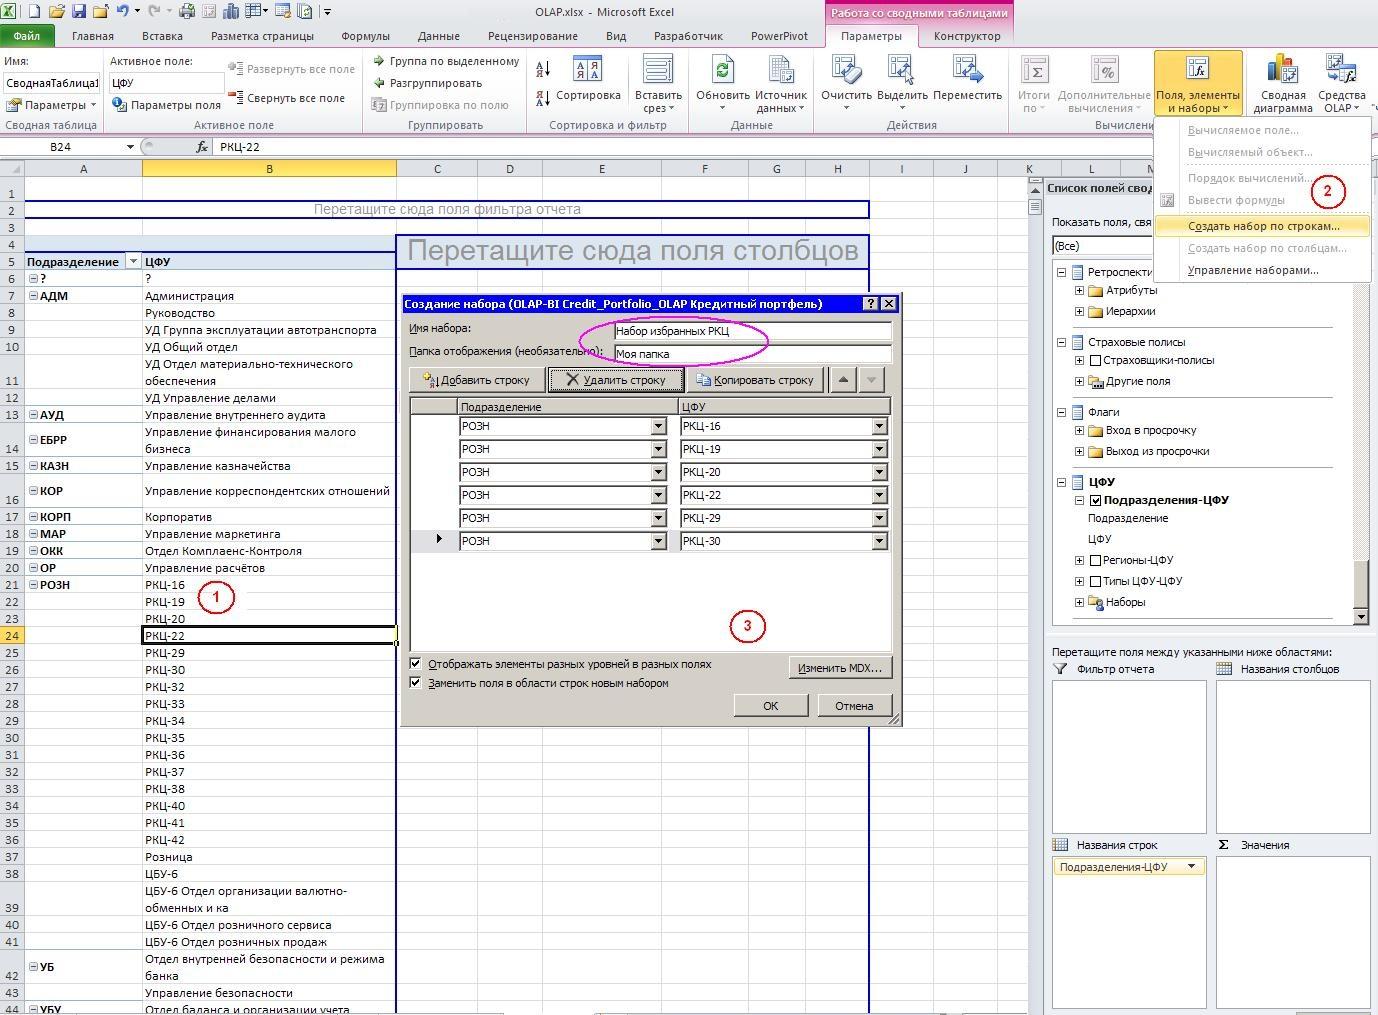 Интерактивное создание пользовательских наборов элементов измерения